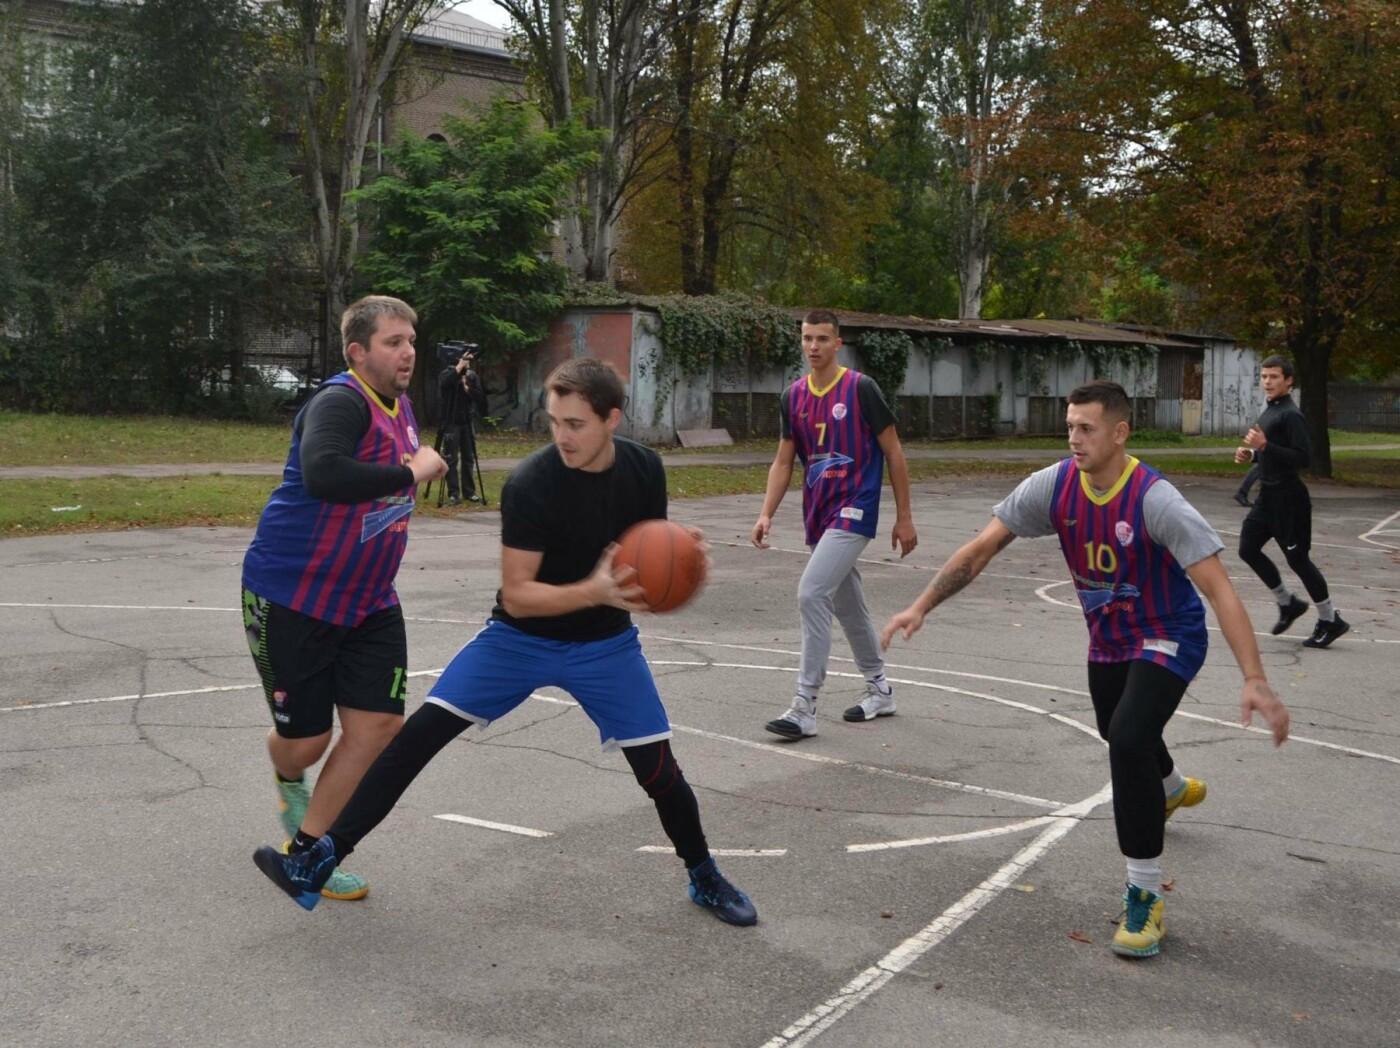 В Запорожье с успехом прошли соревнования по стритболу среди аматоров при финансовой поддержке мецената Александра Богуслаева, фото-4